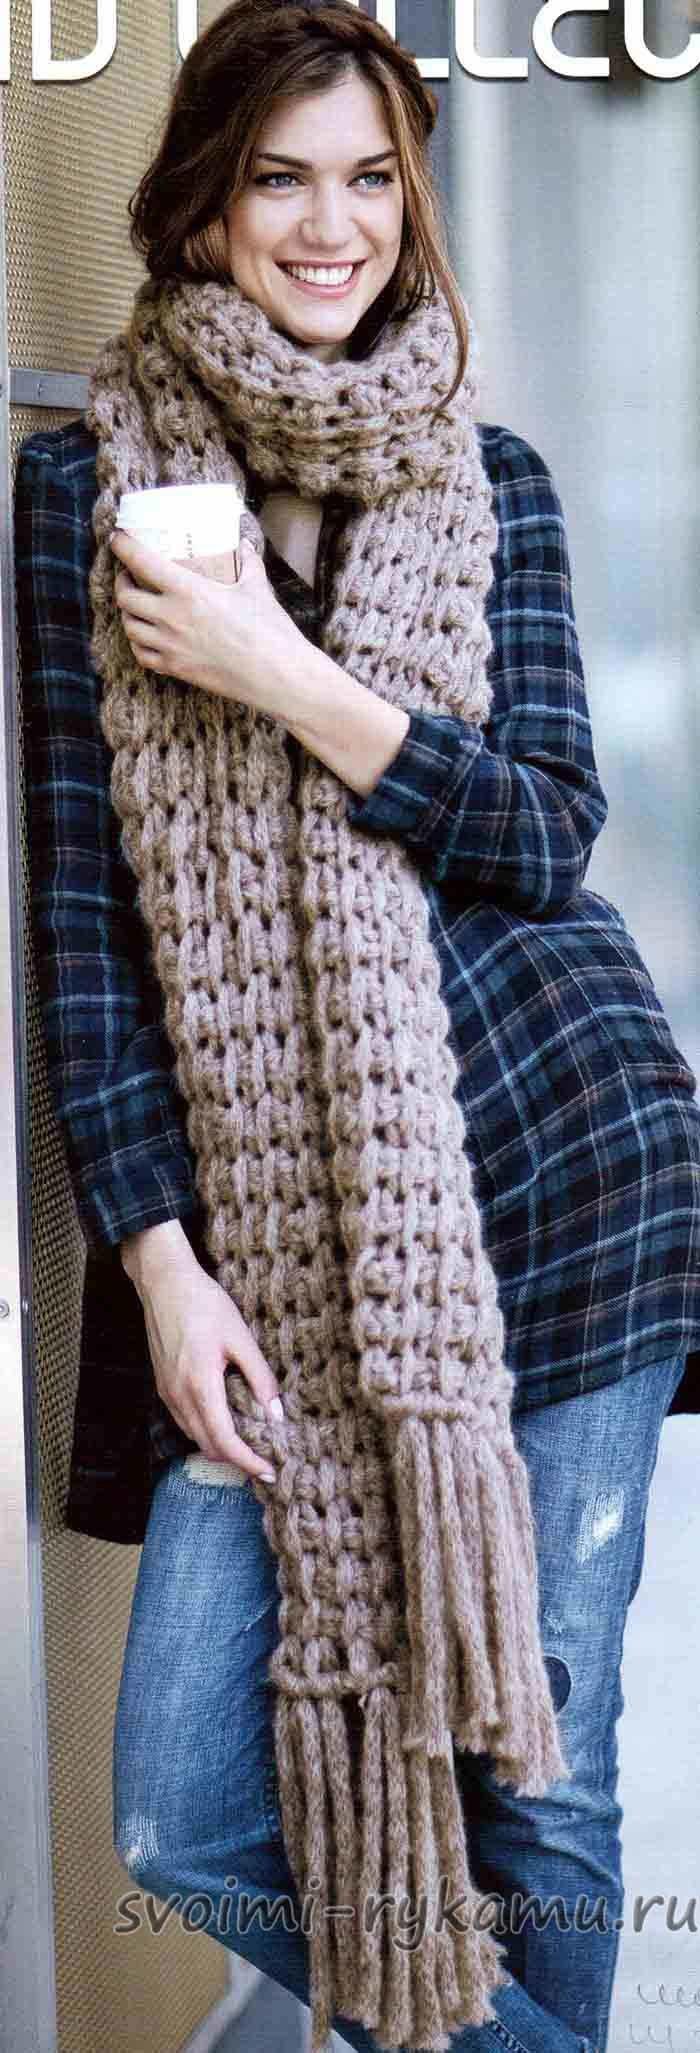 Вязание крючком шарф из толстой пряжи 77